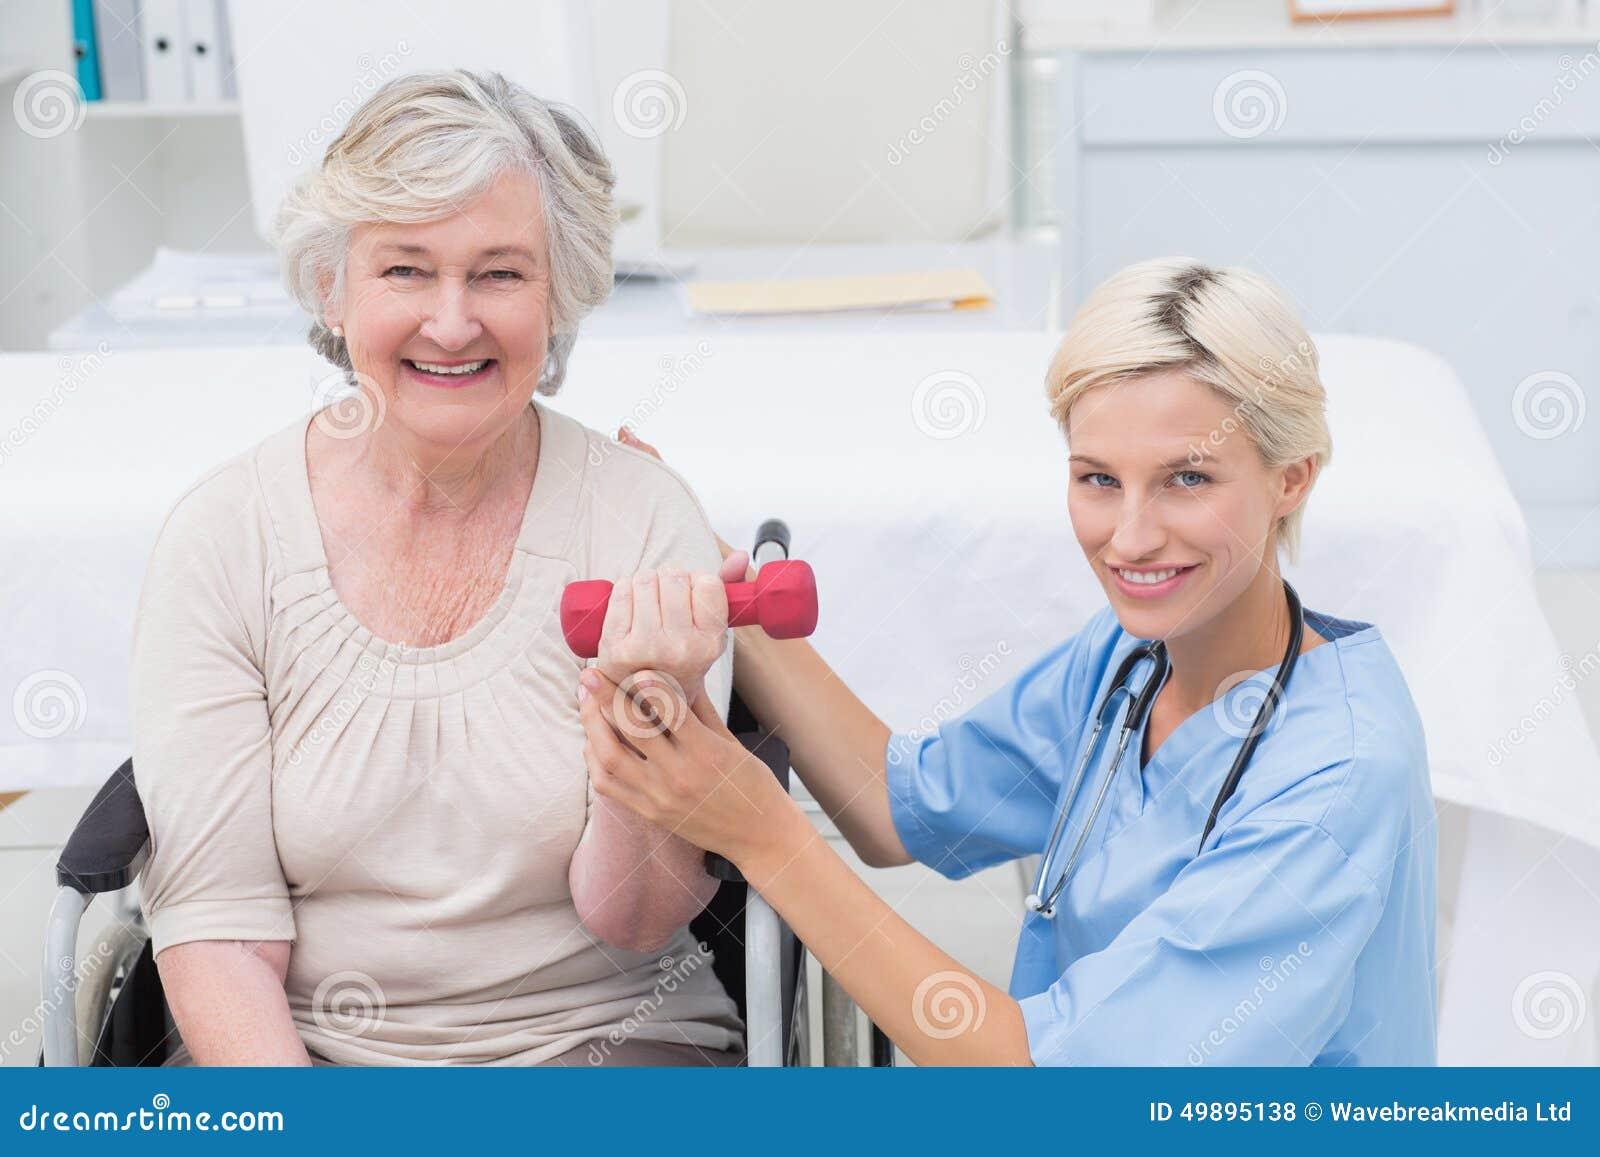 Infermiere che assiste paziente femminile nella testa di legno di sollevamento